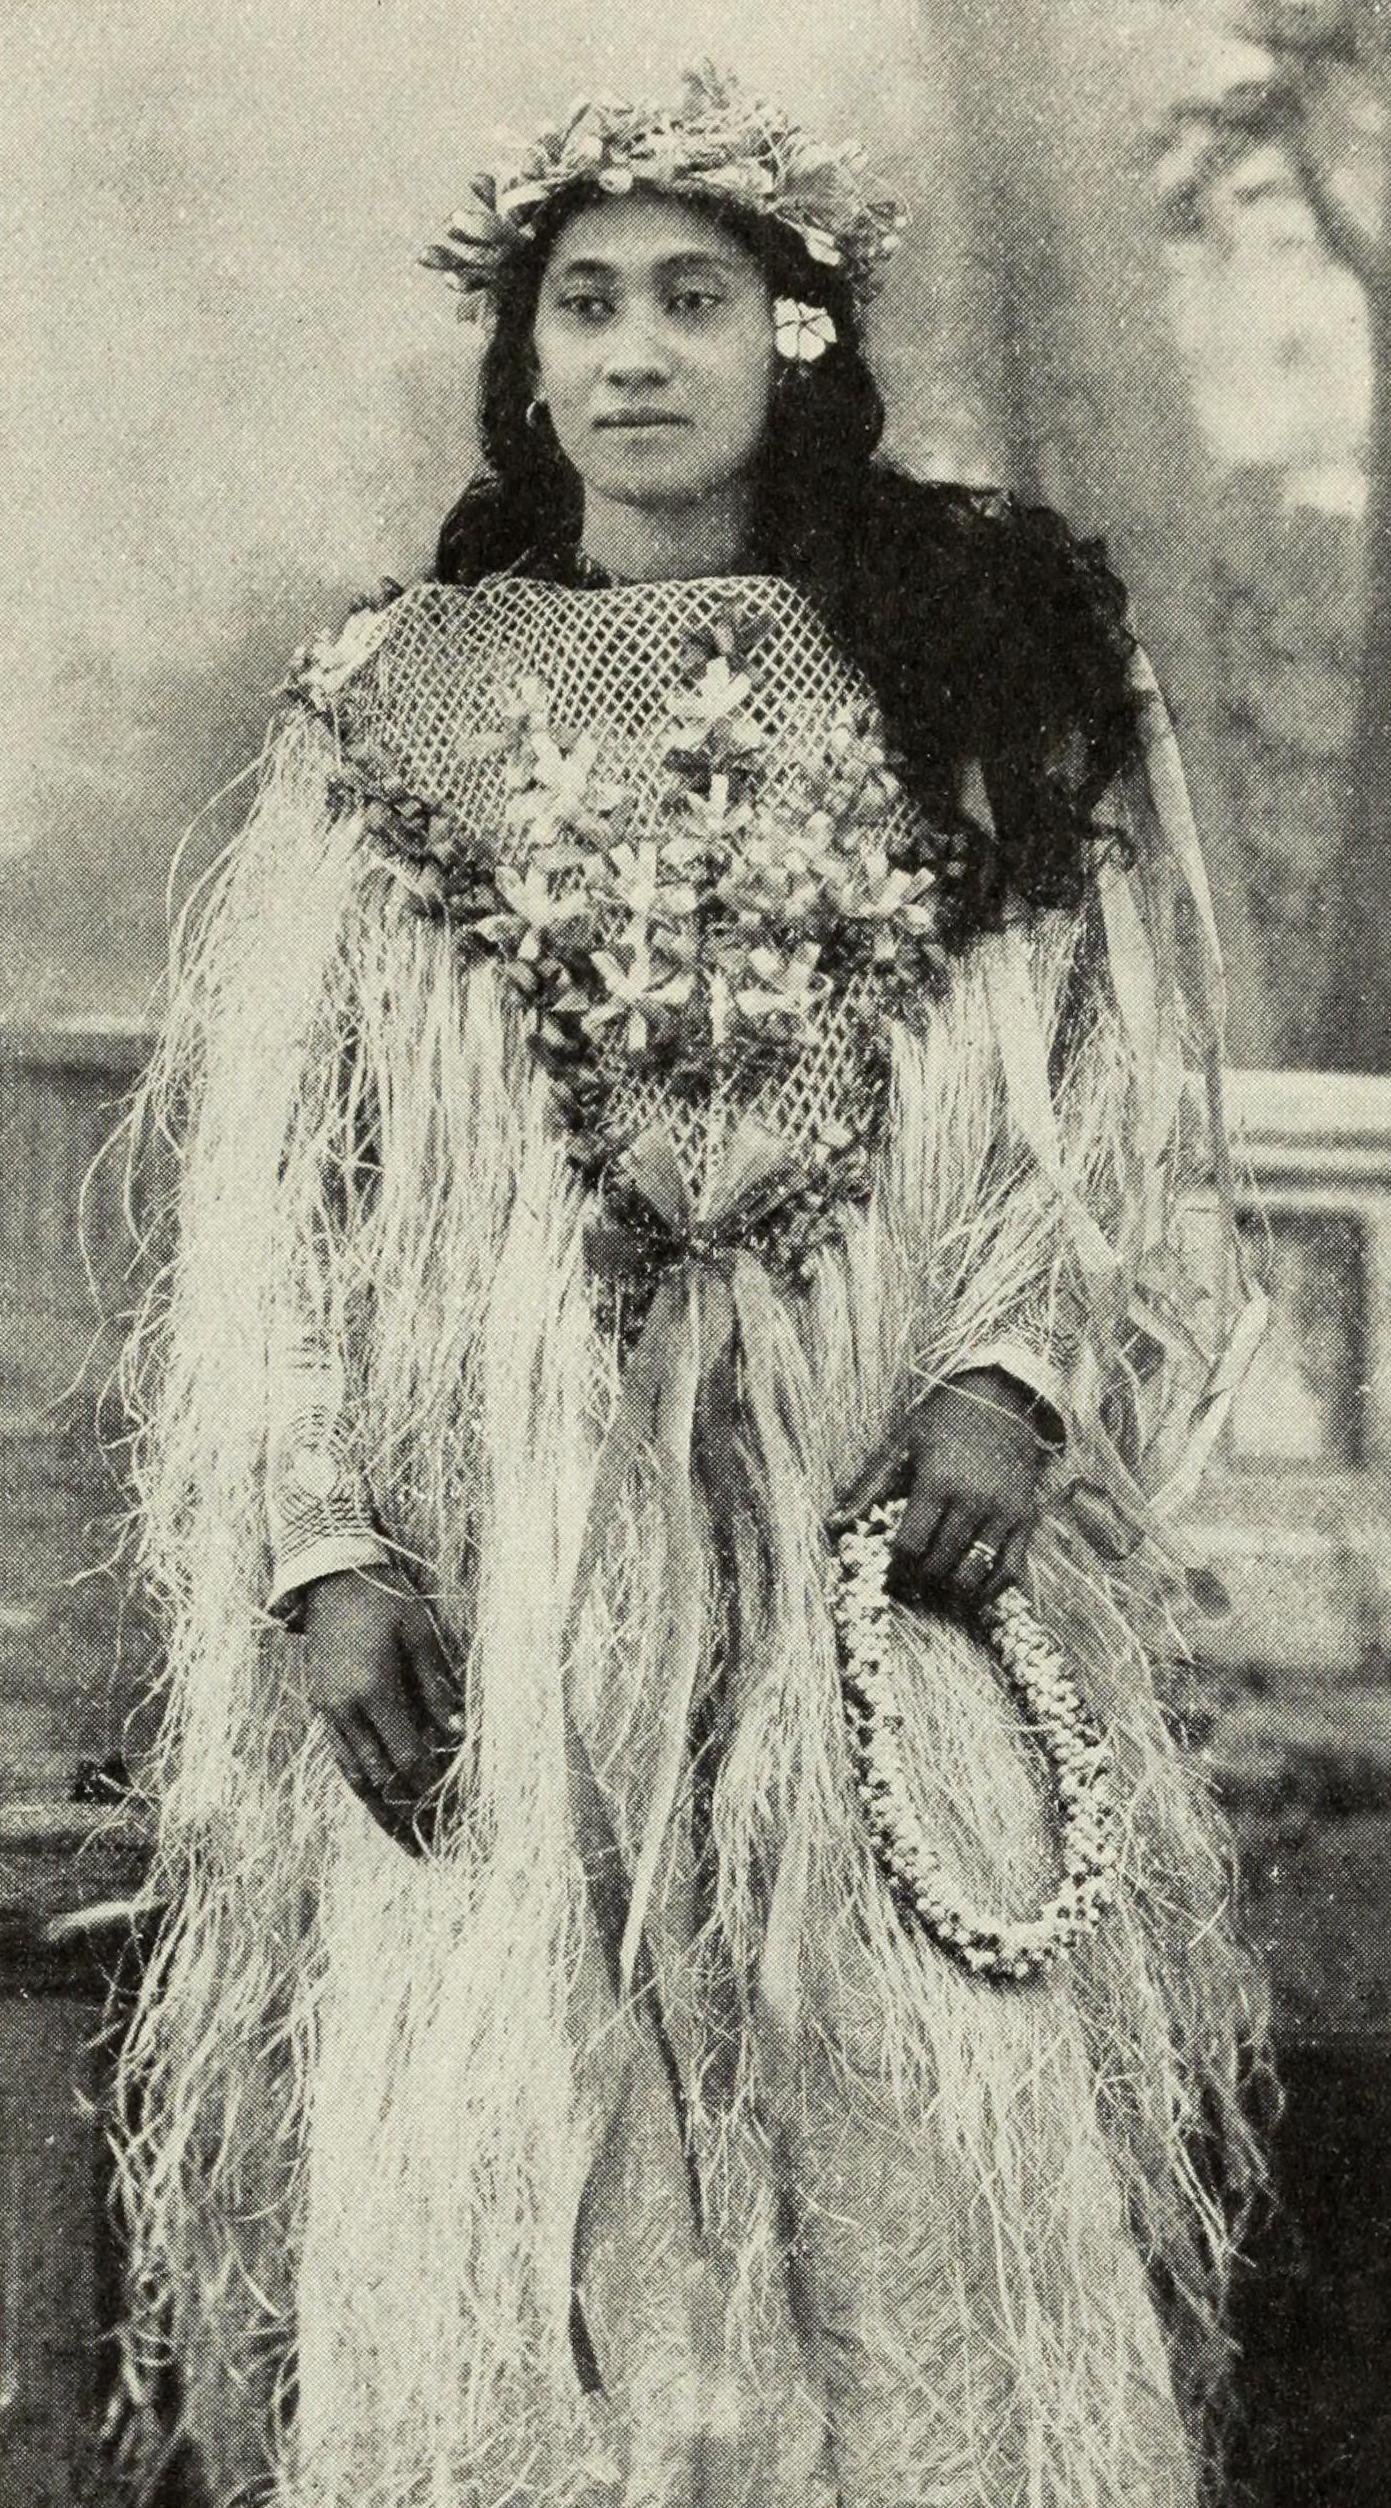 Tahitian woman in festive costume, circa 1906.